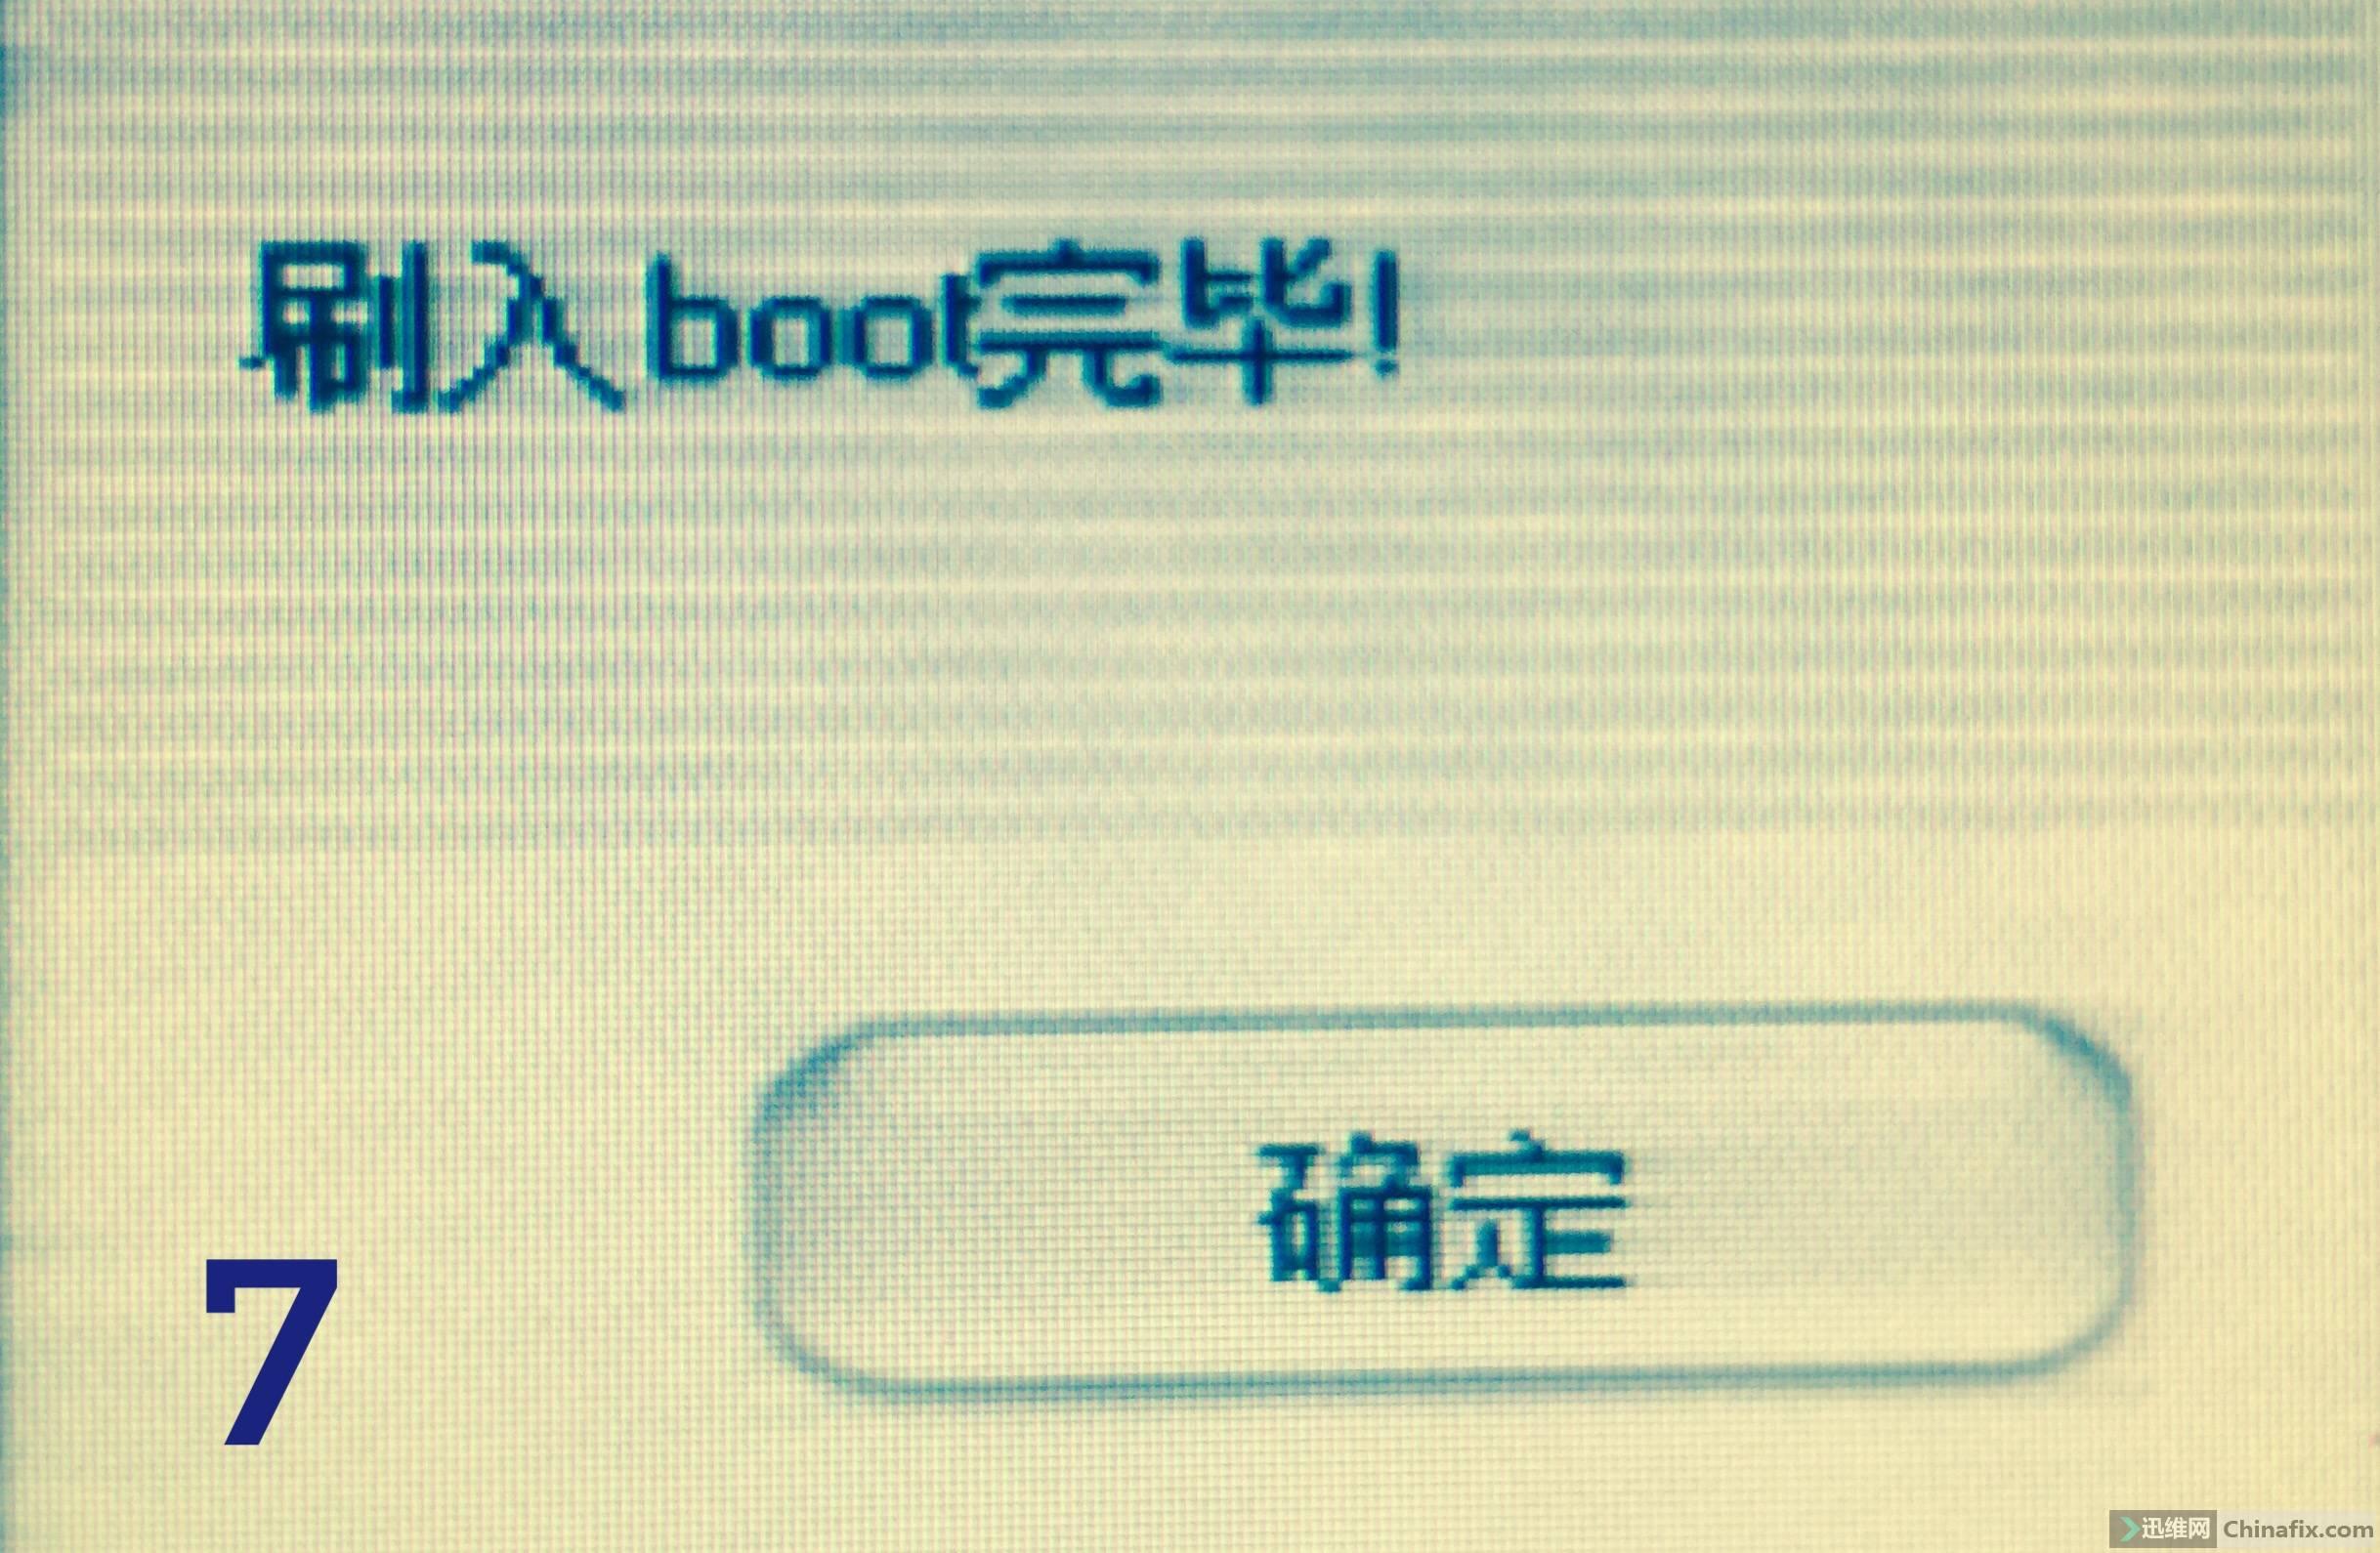 把新的文件在手机fastboot模式下刷入